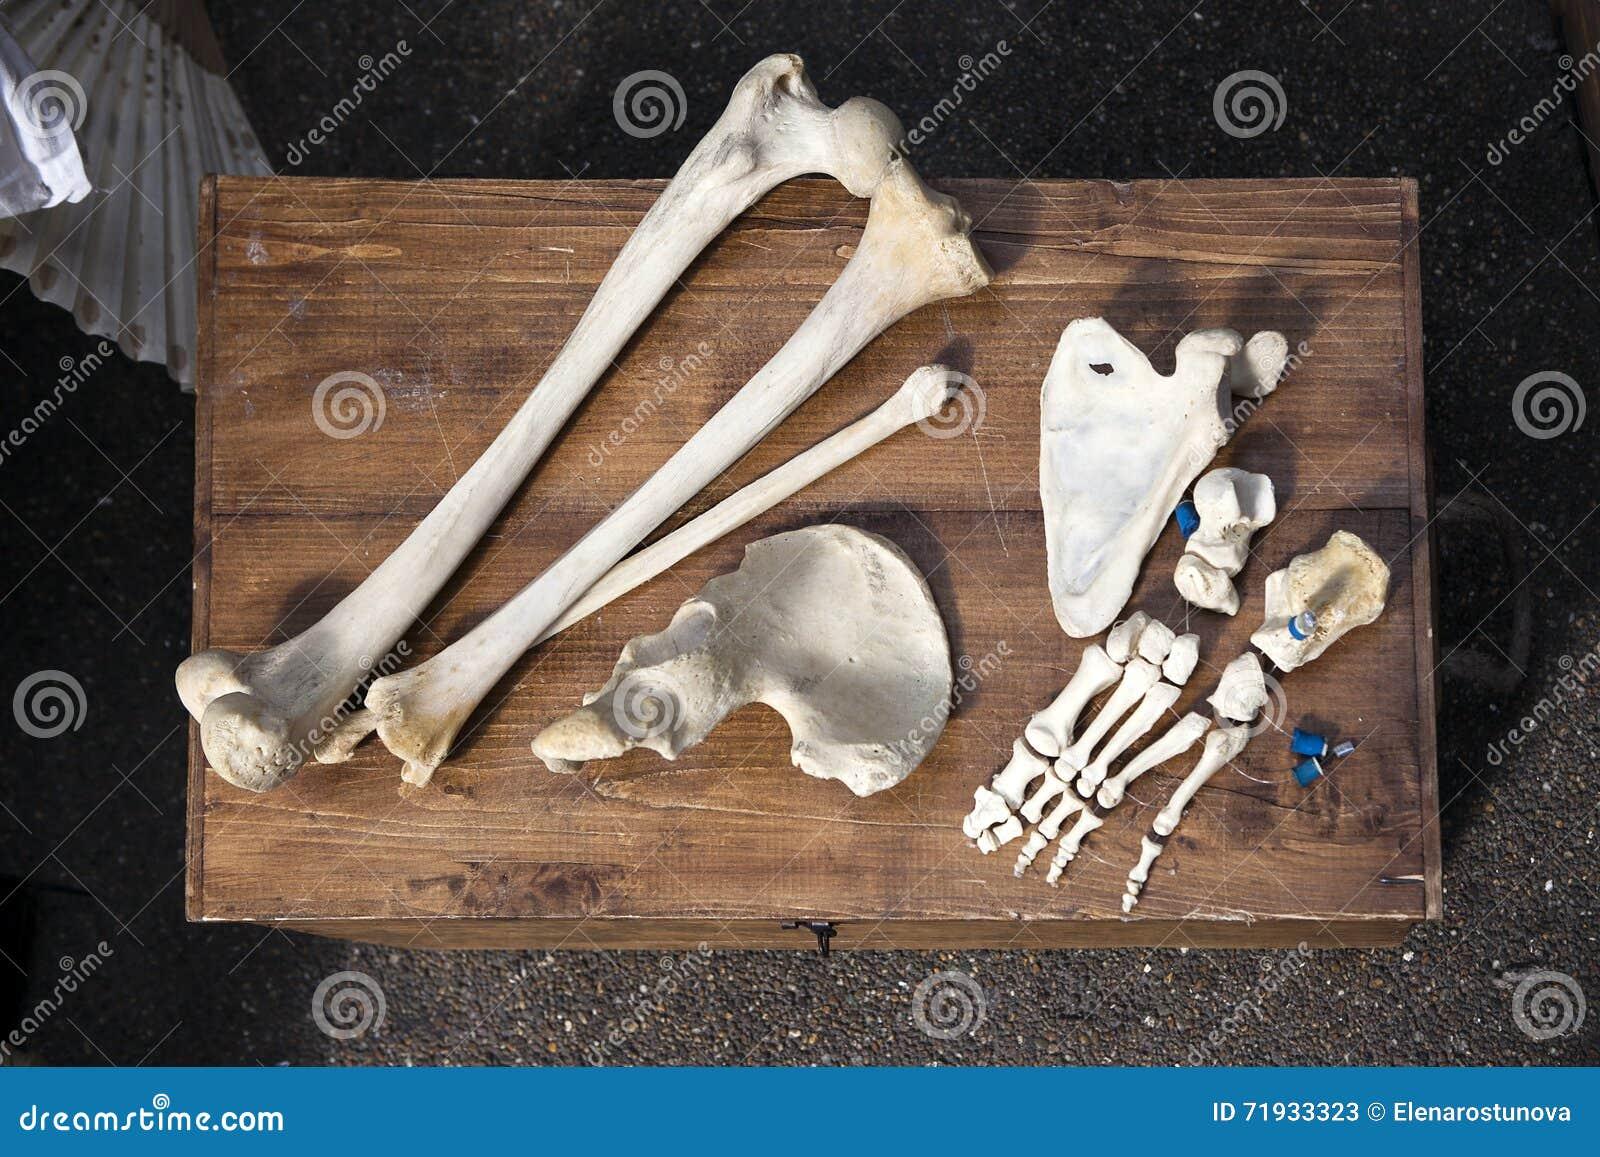 Косточки и череп неизвестного животного